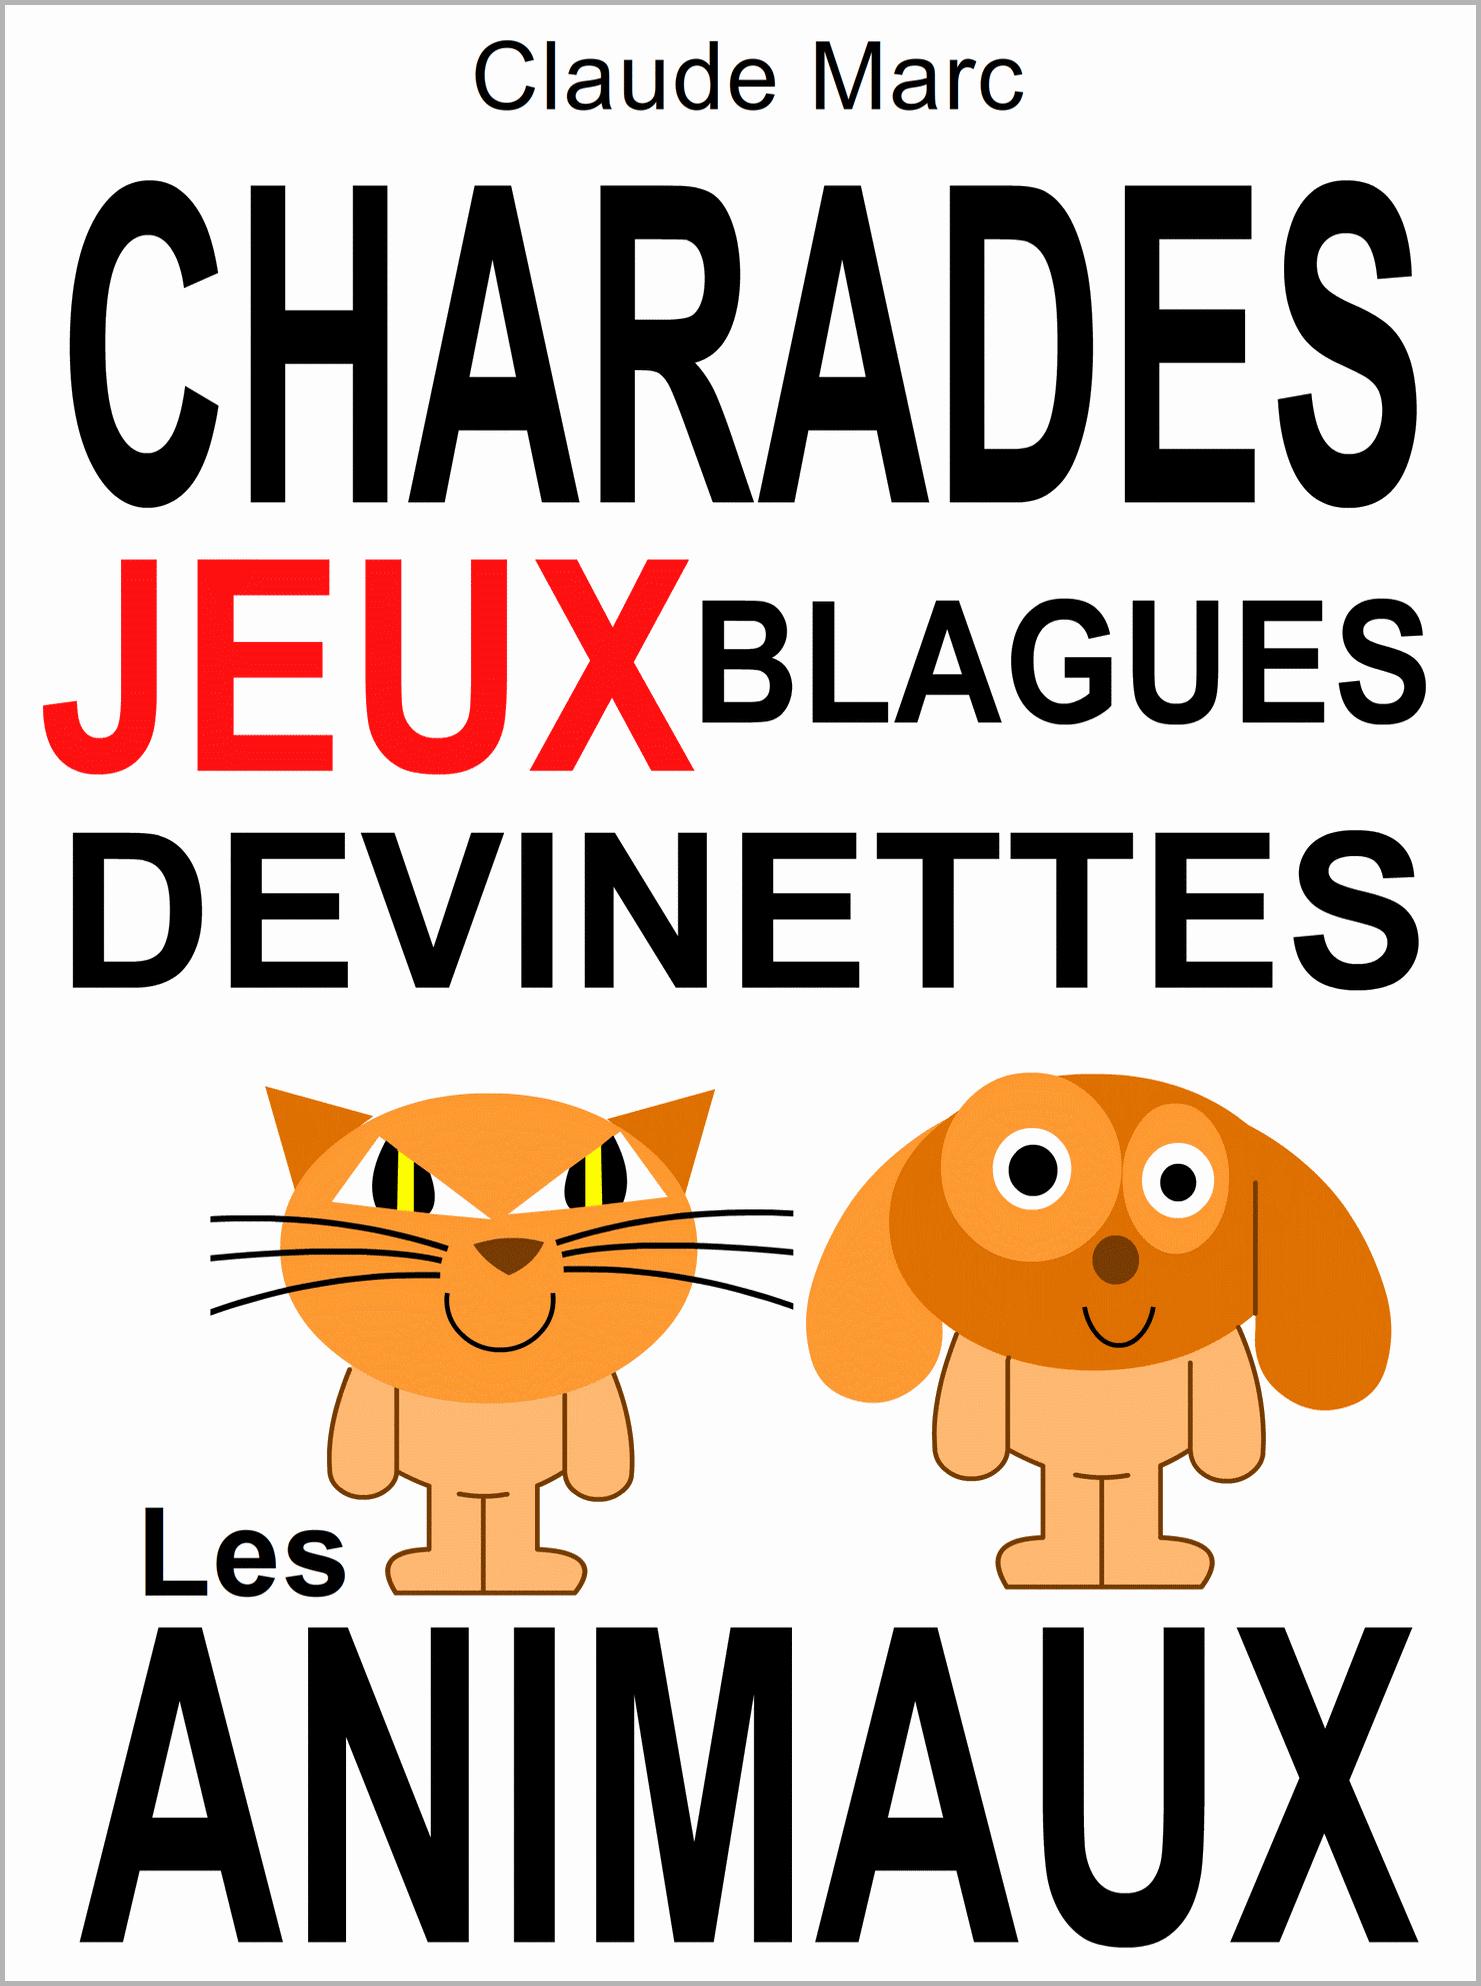 Charades Et Devinettes Sur Les Animaux. Jeux Et Blagues Pour Enfants. dedans Jeux De Mots Pour Enfants